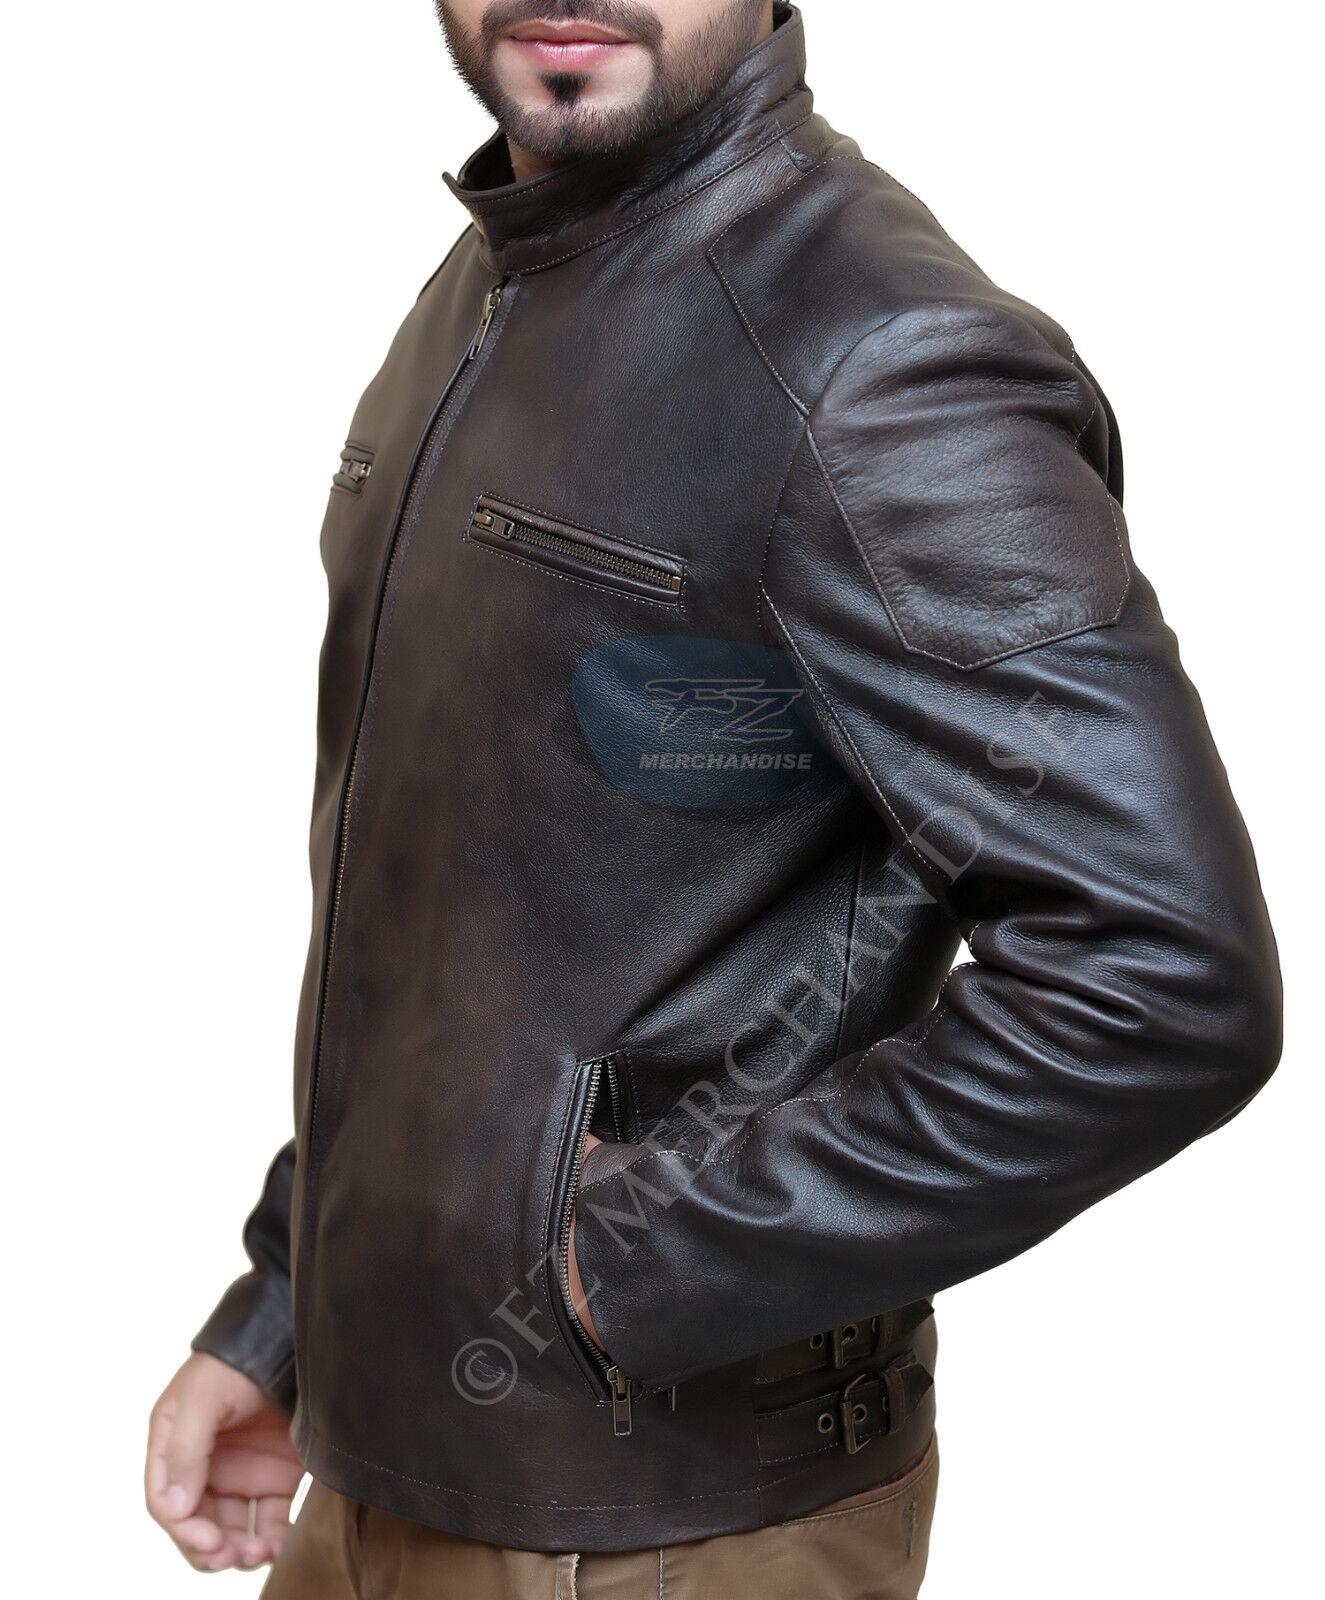 Giacca di pelle CAPITAN CAPITAN CAPITAN AMERICA CIVIL WAR Steve Rogers marrone distressed Giacca a6af2f